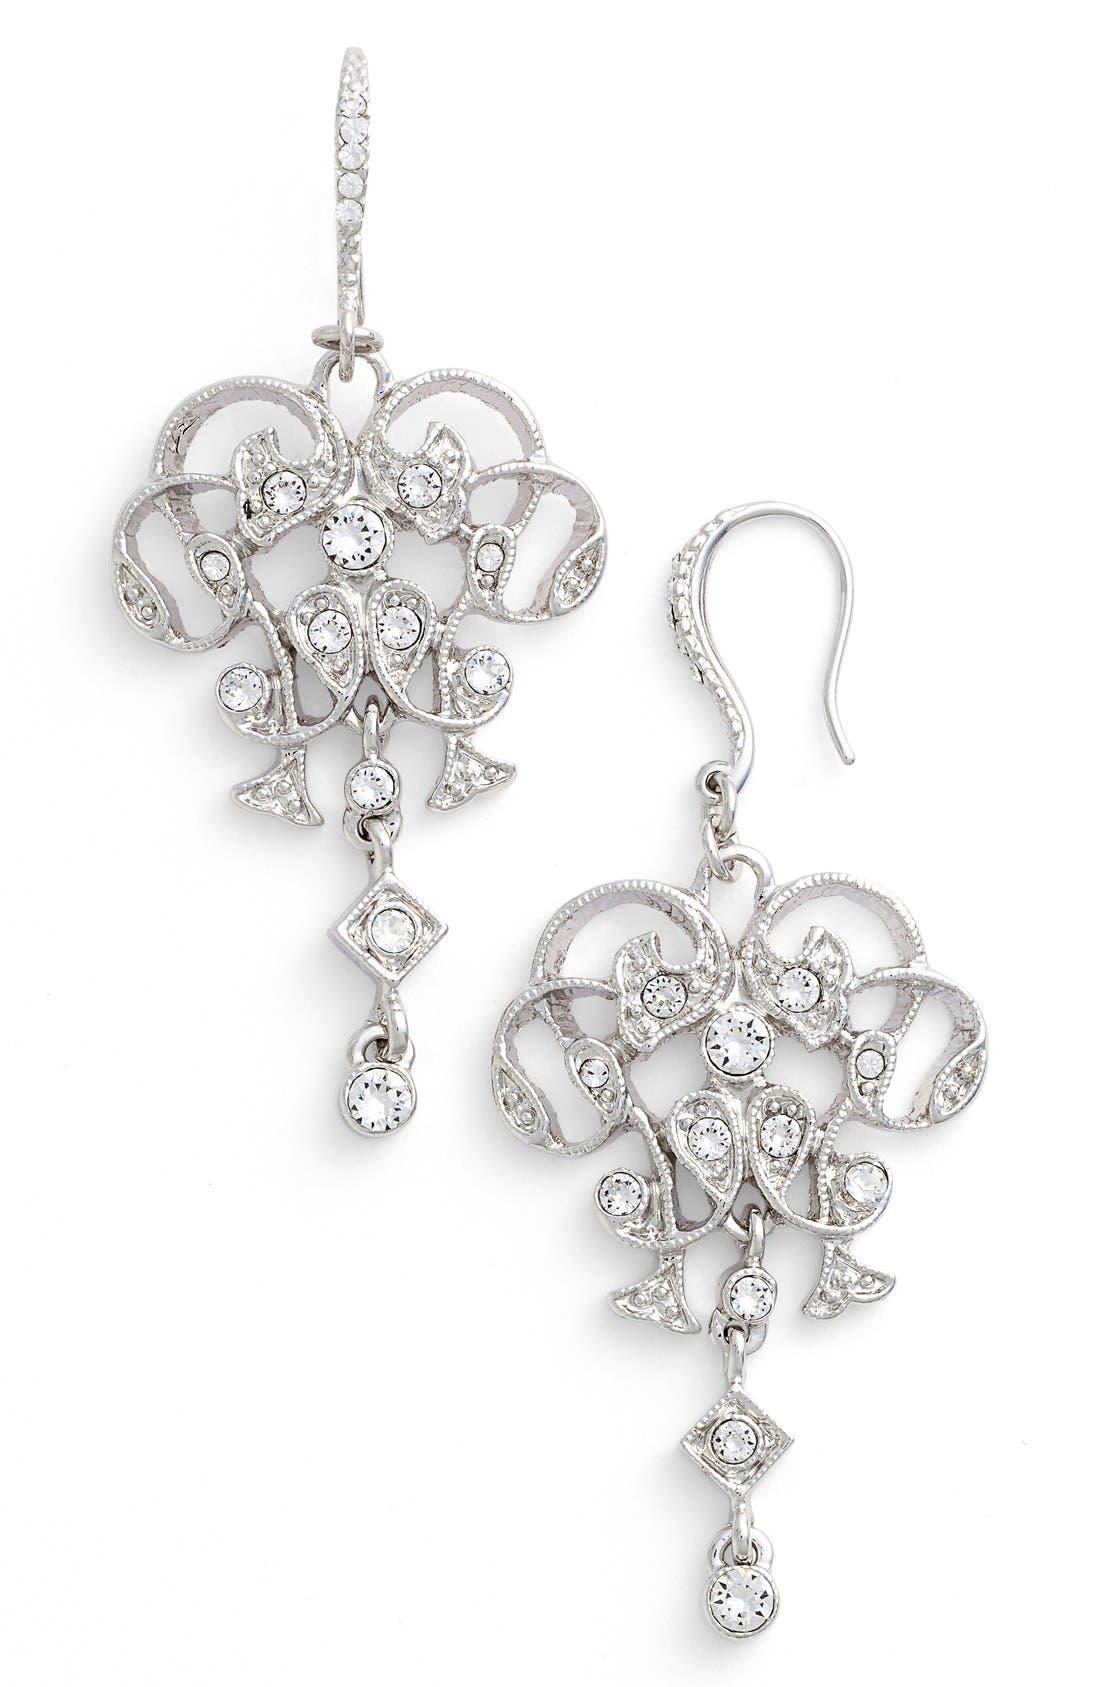 Alternate Image 1 Selected - Nina Swarovski Crystal Chandelier Earrings